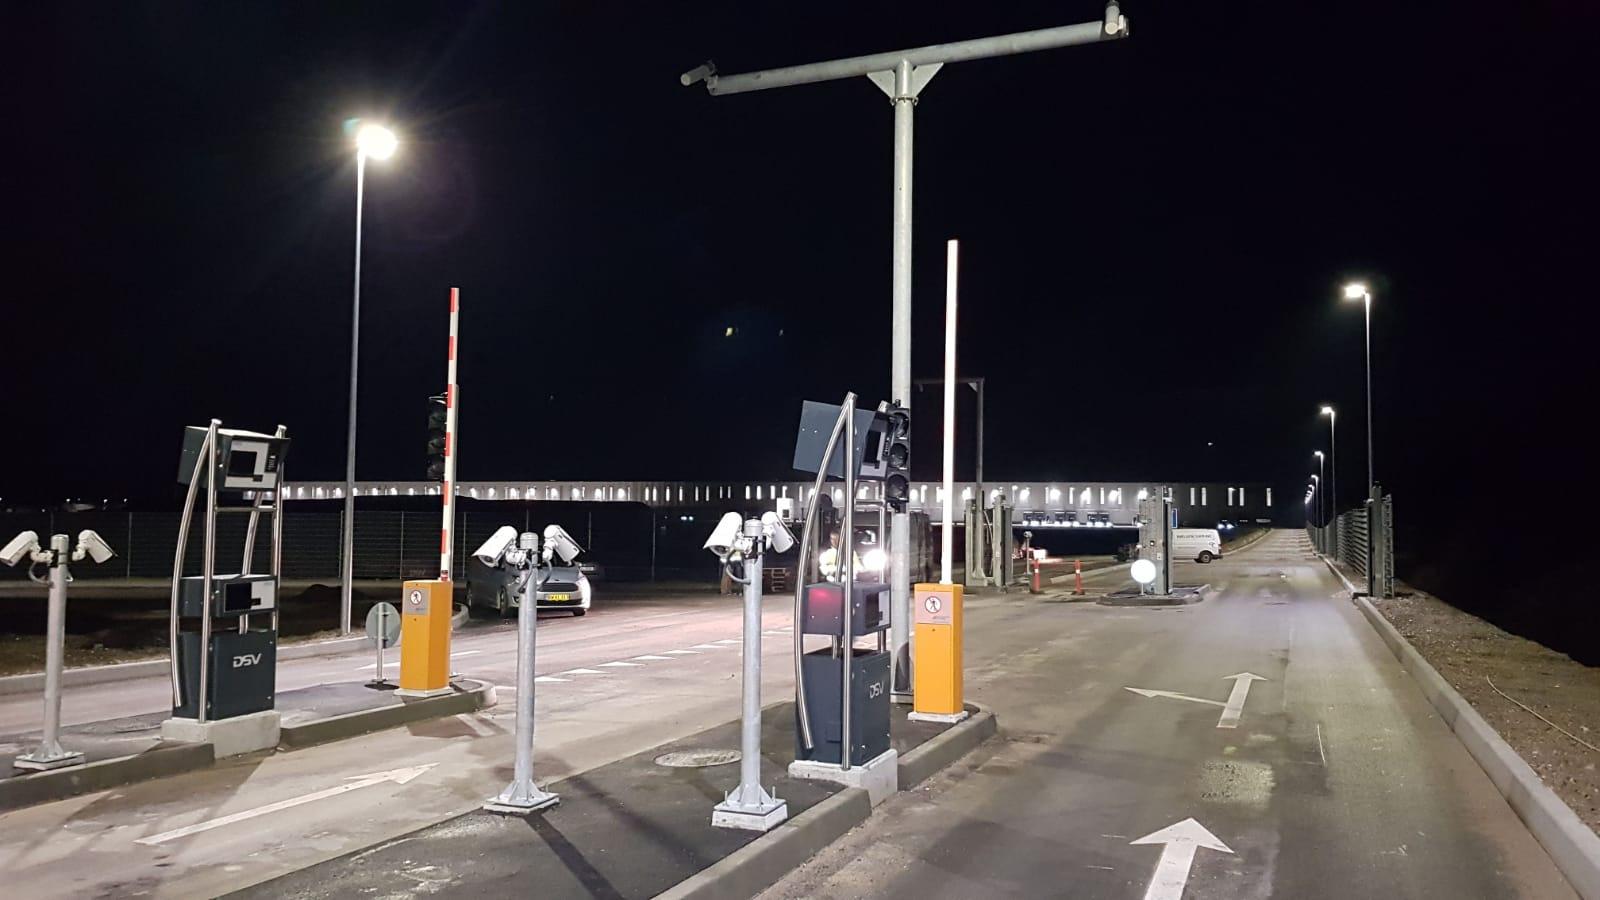 CERTUS Kiosks at DSV, Denmark